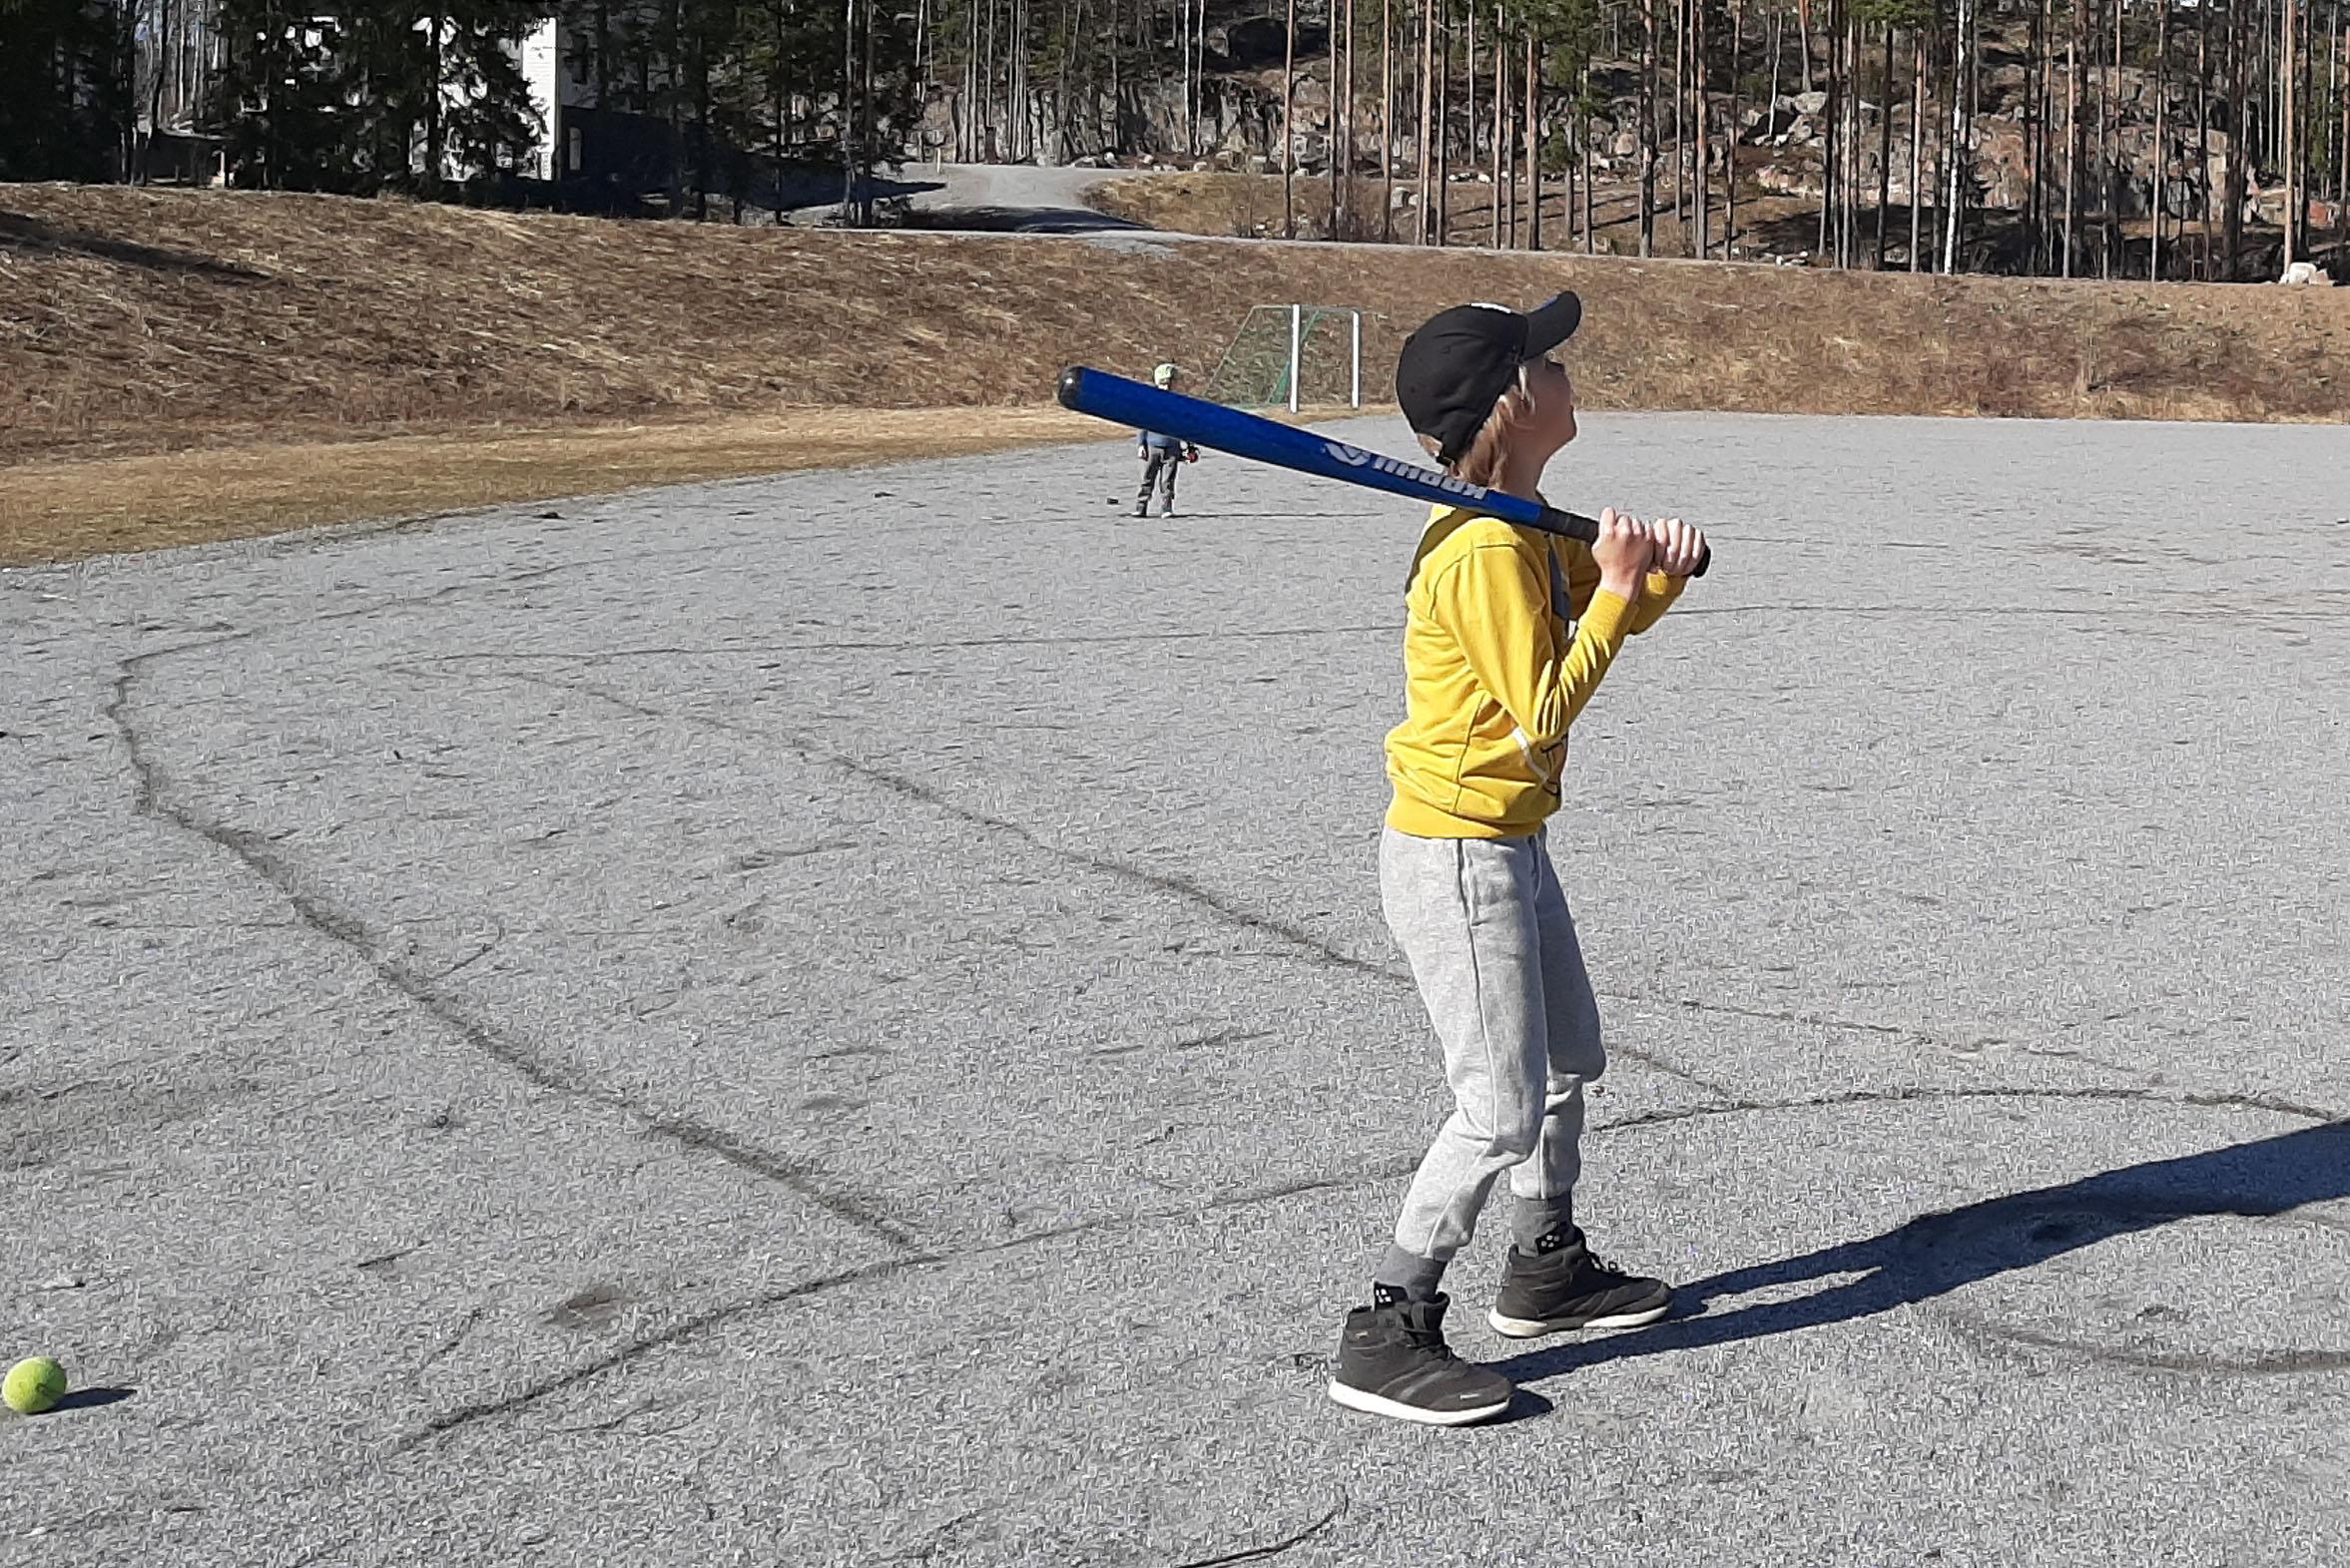 Etäkuntavaalipaneeli 3/6: Lasten ja nuorten harrastaminen